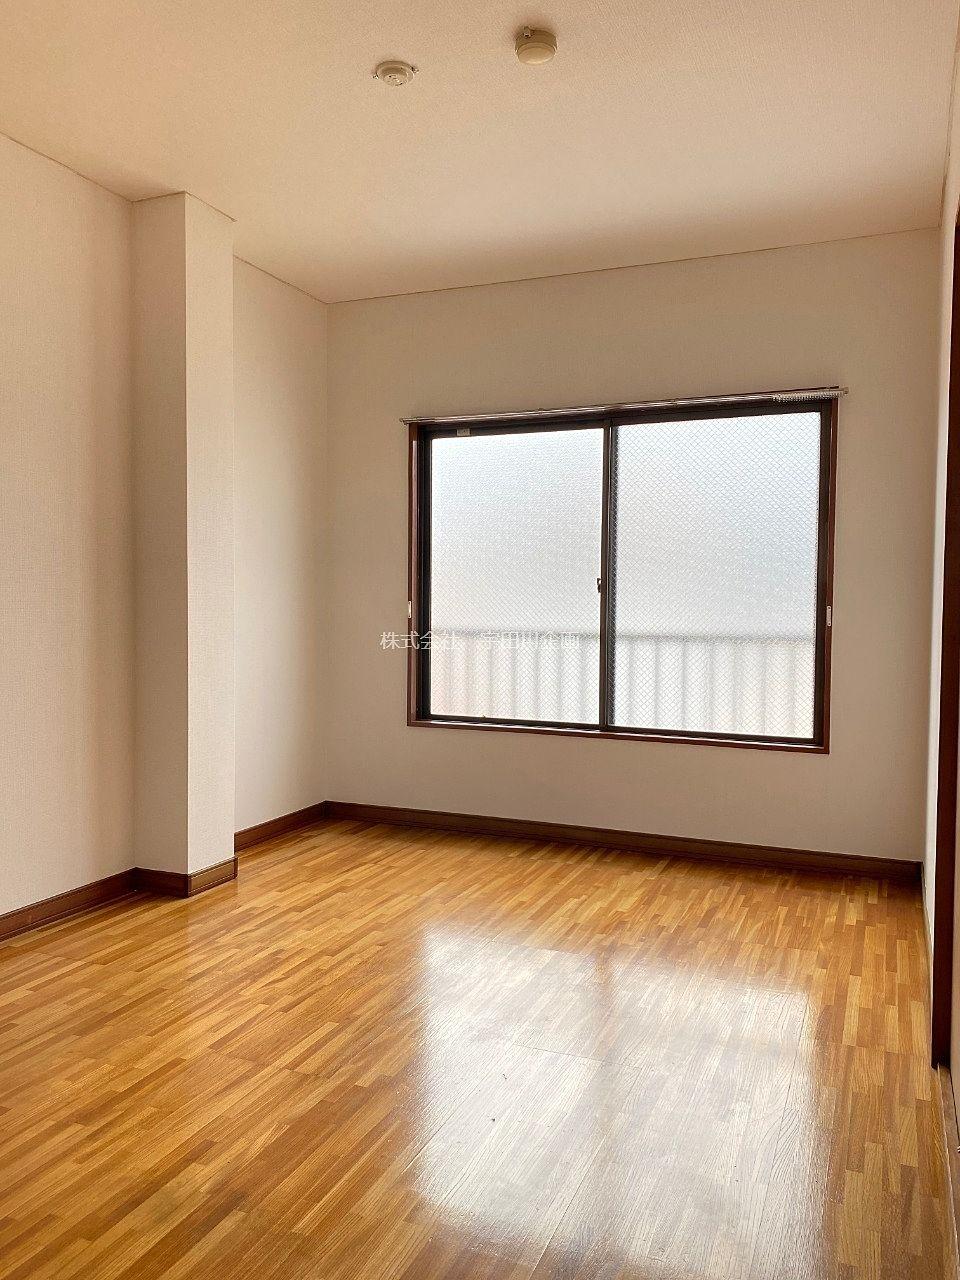 フローリングタイプで腰高窓がついた洋室